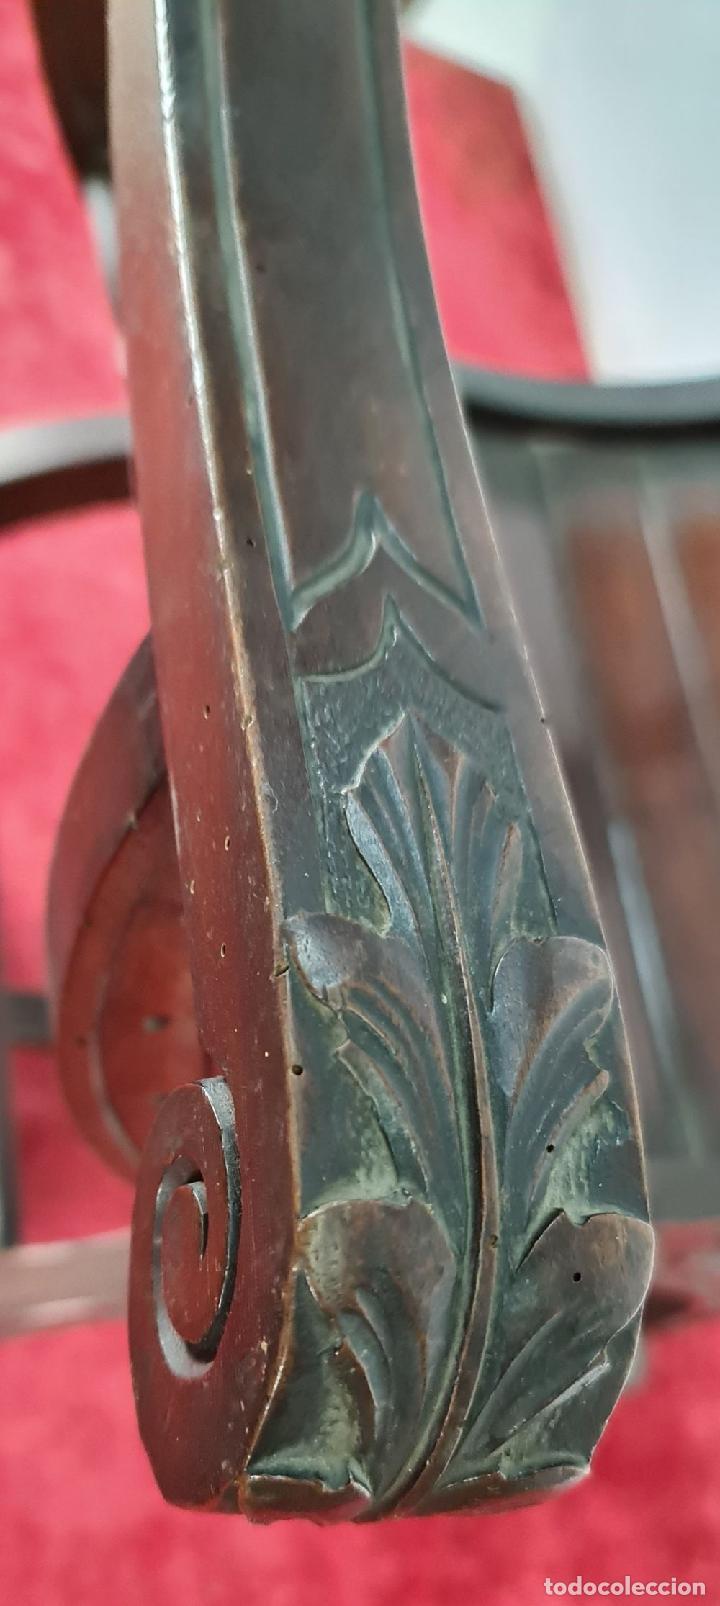 Antigüedades: PAREJA DE SILAS JAMUGA. MADERA DE NOGAL TALLADO. ESTILO BARROCO. SIGLO XIX. - Foto 22 - 253454590